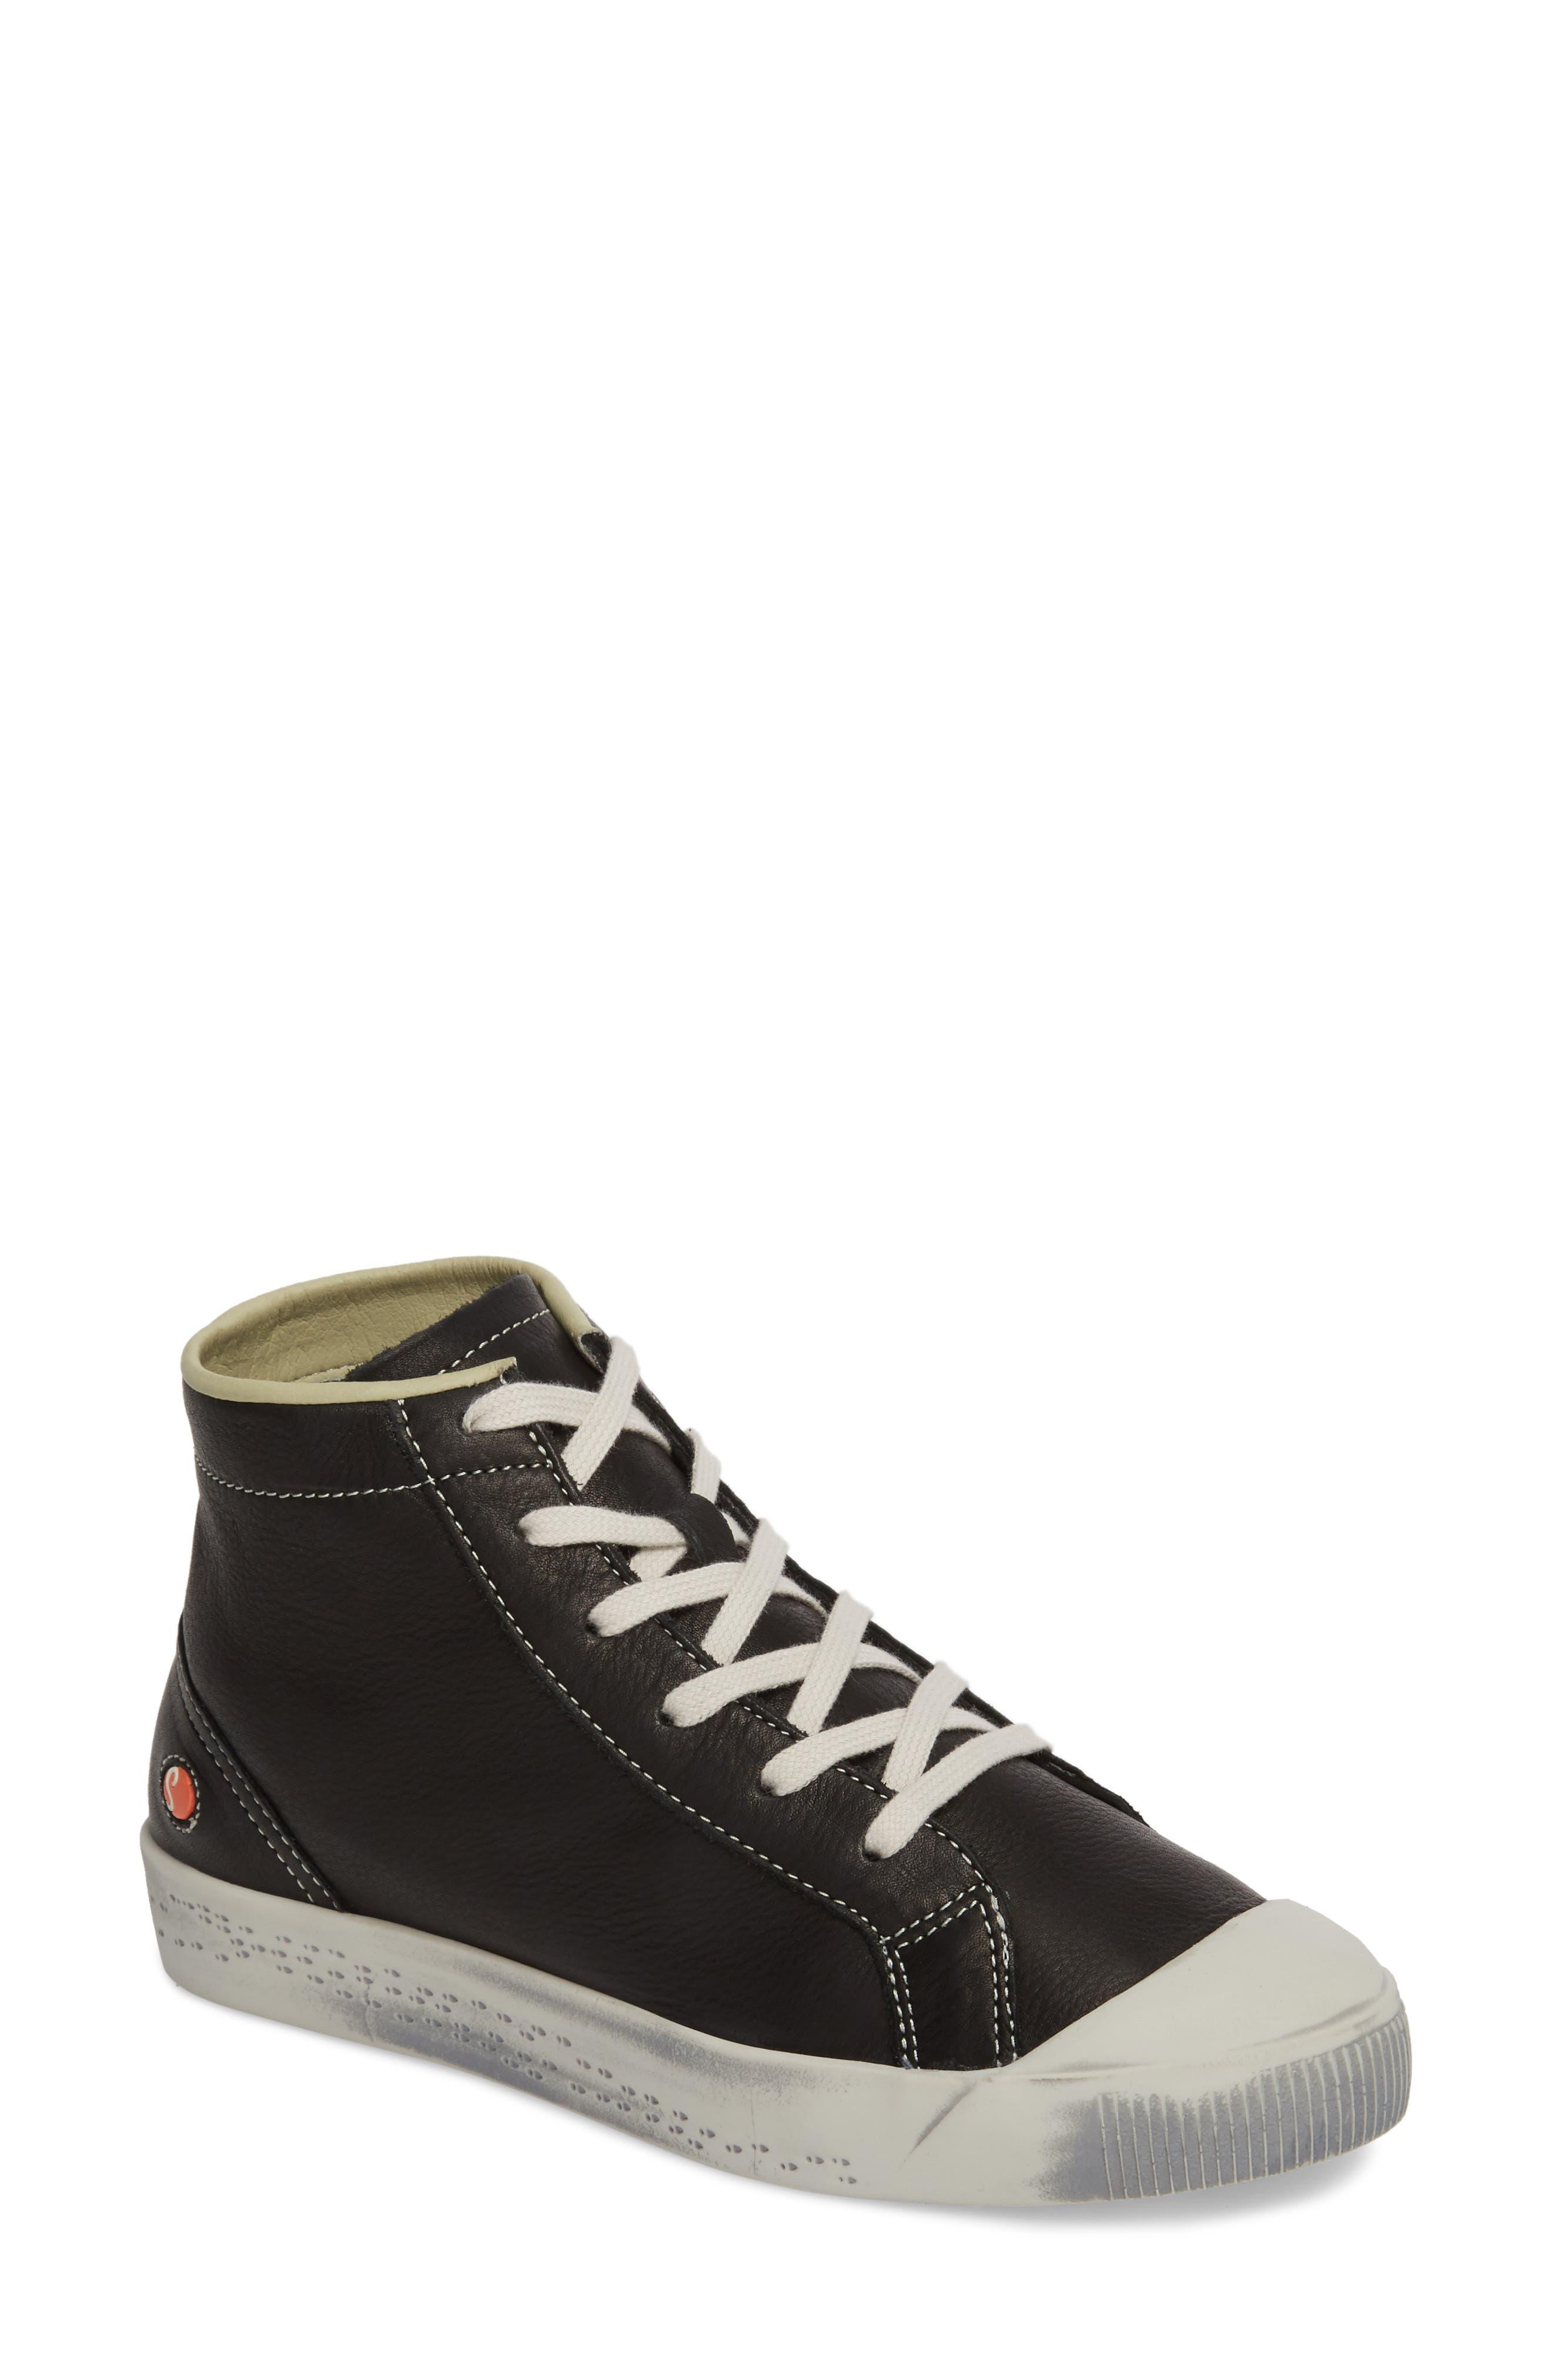 Kip High Top Sneaker,                         Main,                         color, 001